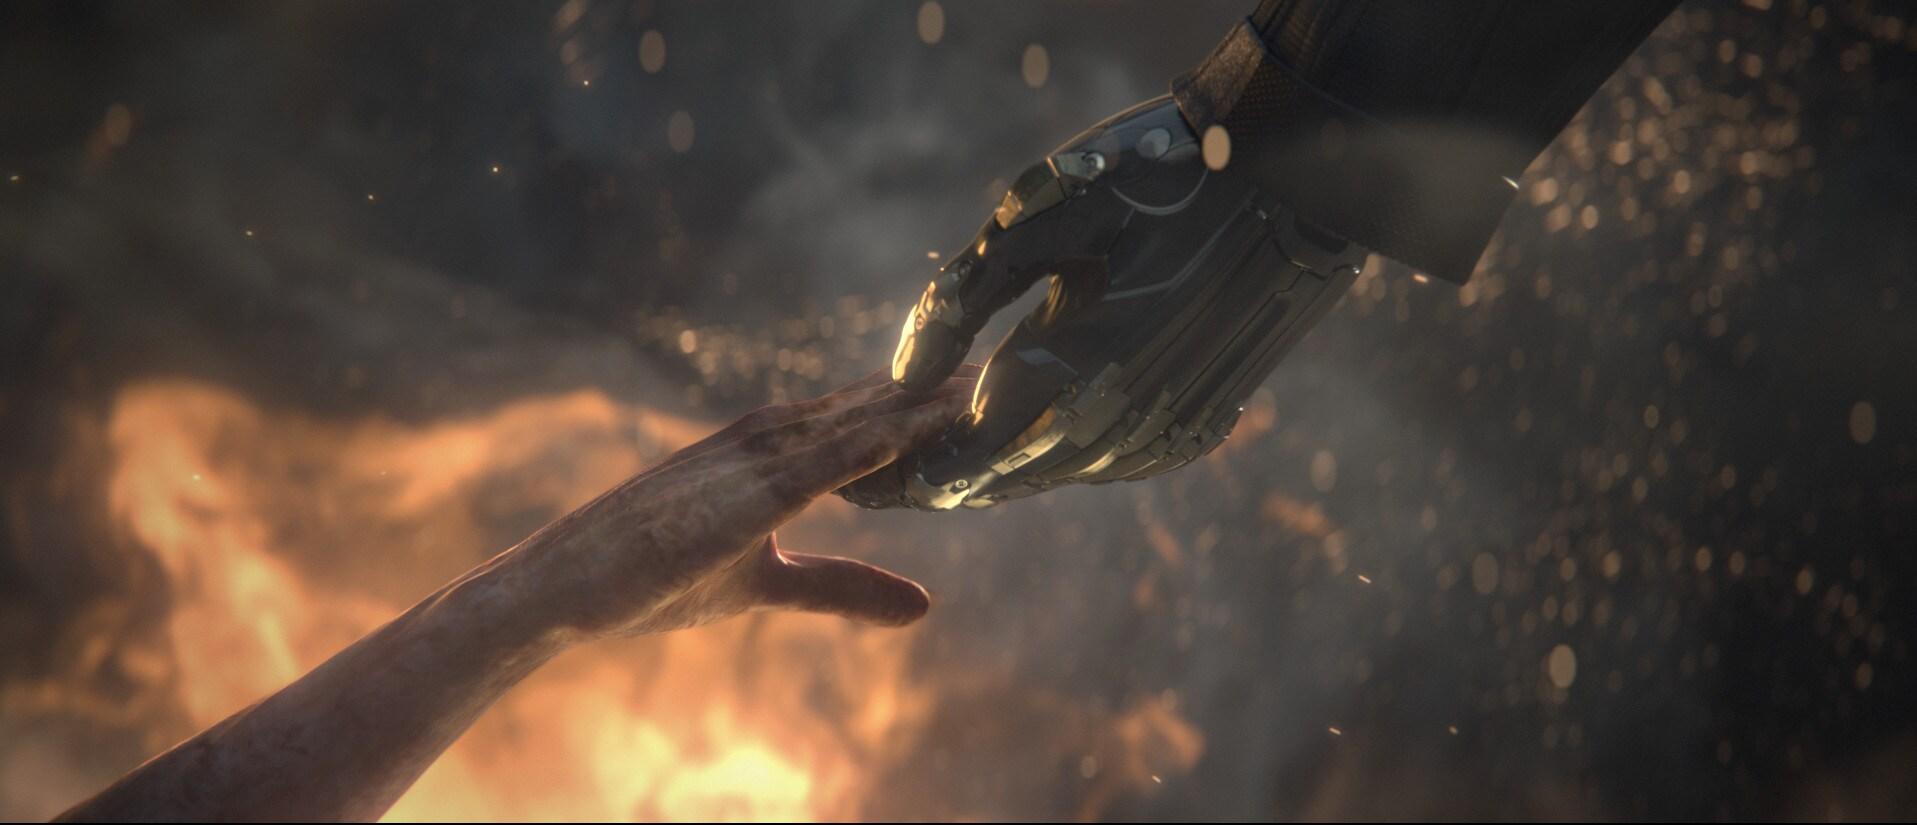 Deus Ex: Mankind Divided Steam Key RU/CIS - 3